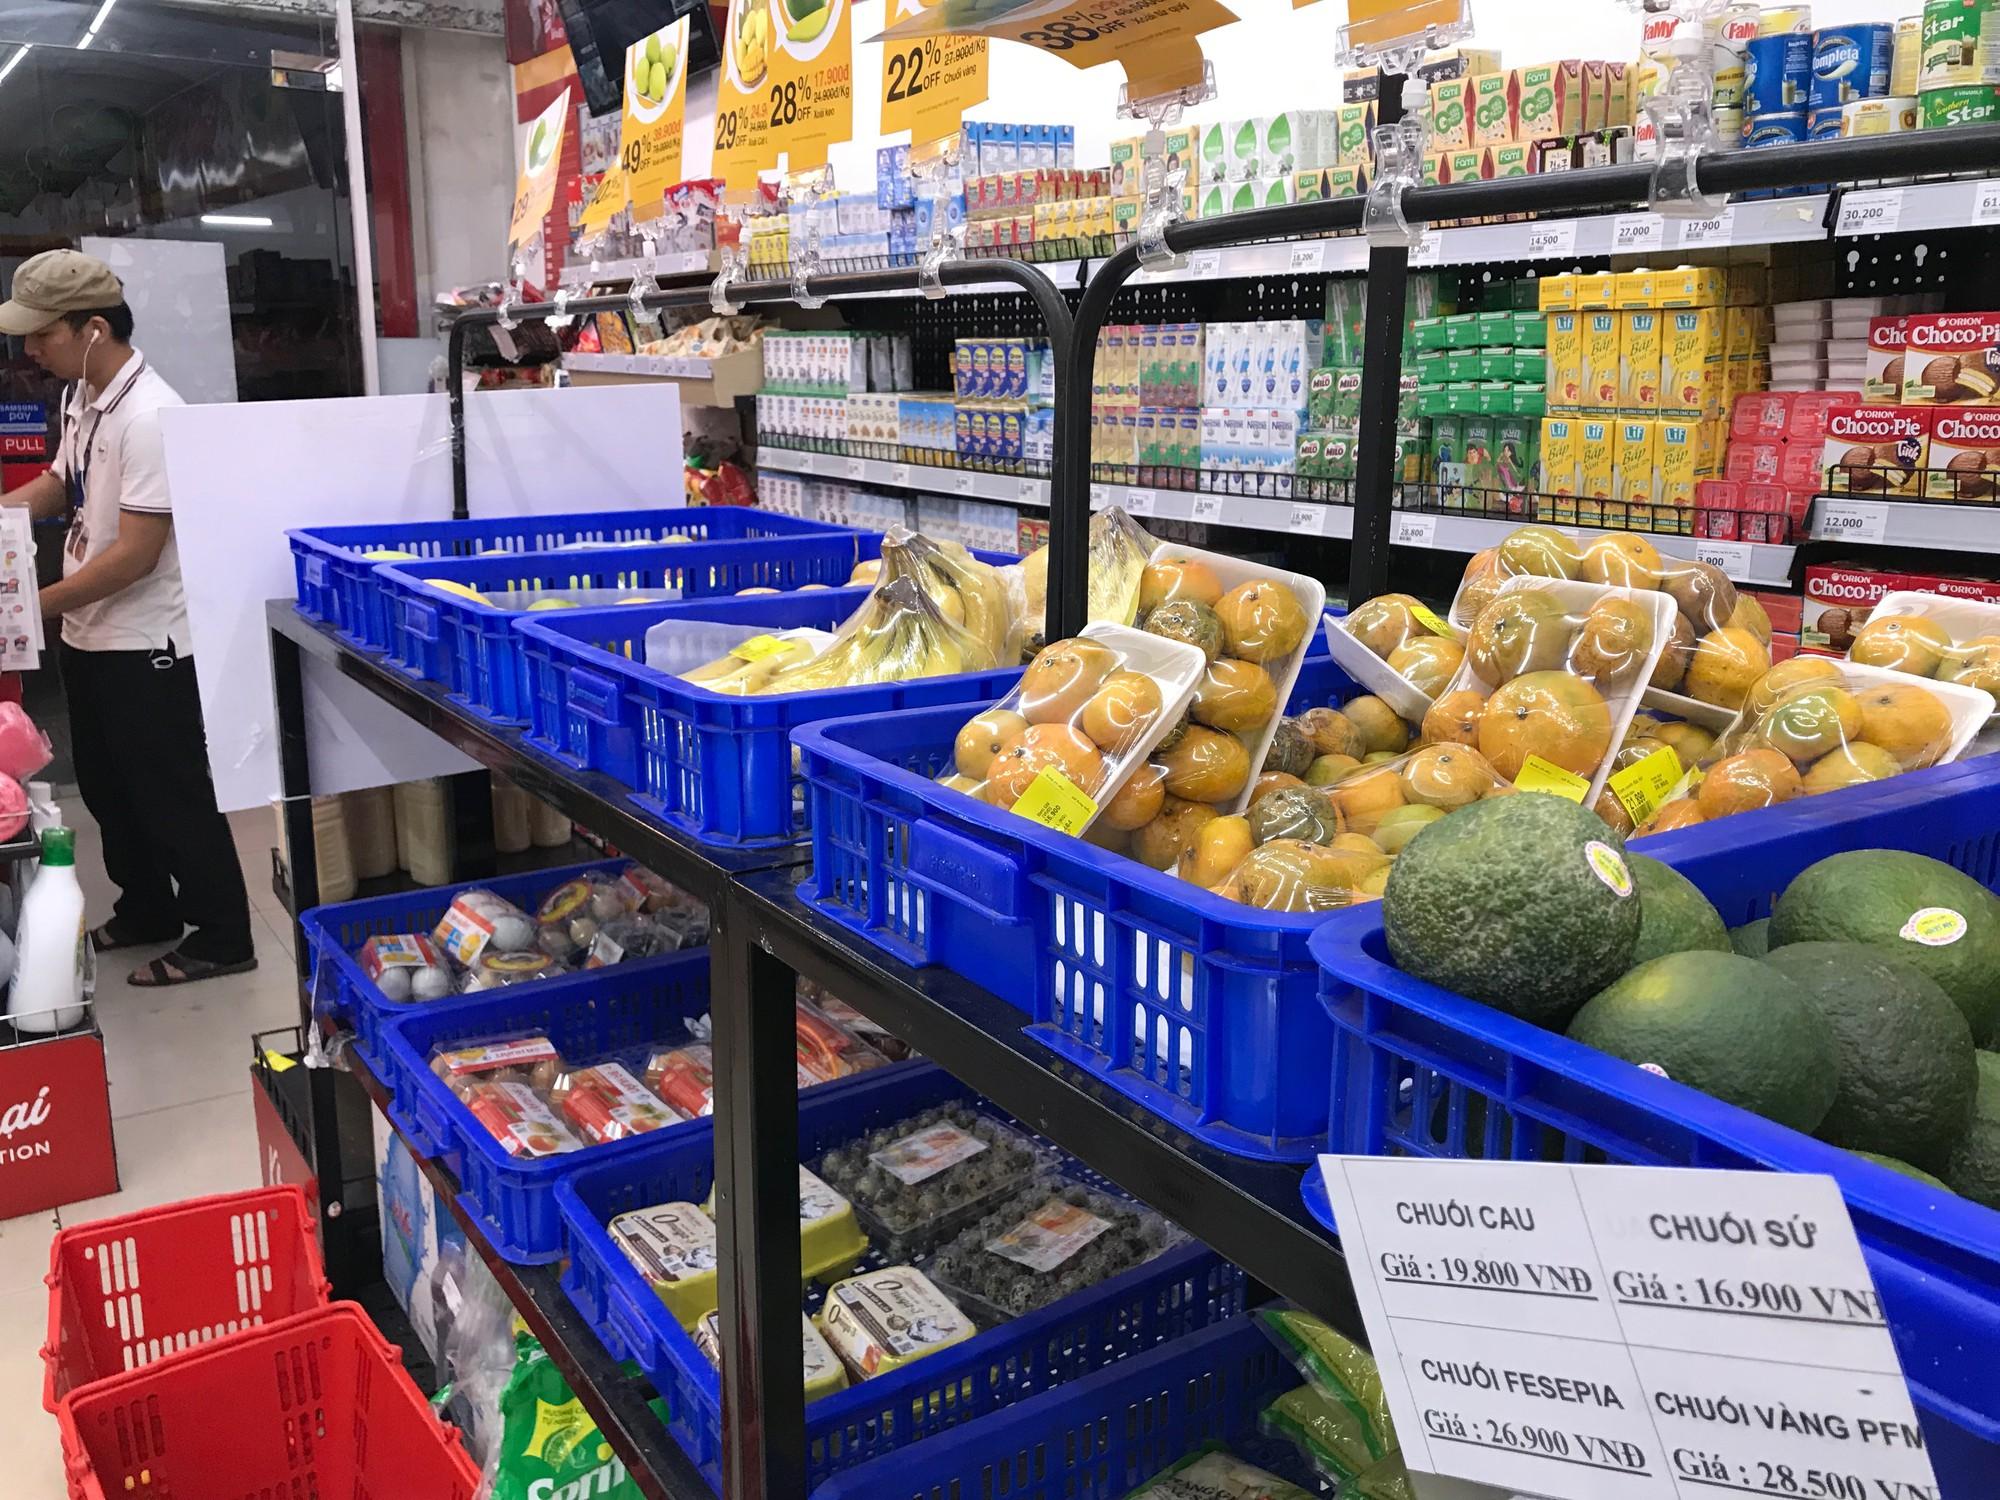 Dồn dập thương vụ thâu tóm, Vingroup sẽ thống lĩnh thị trường bán lẻ Việt thế nào? - Ảnh 5.